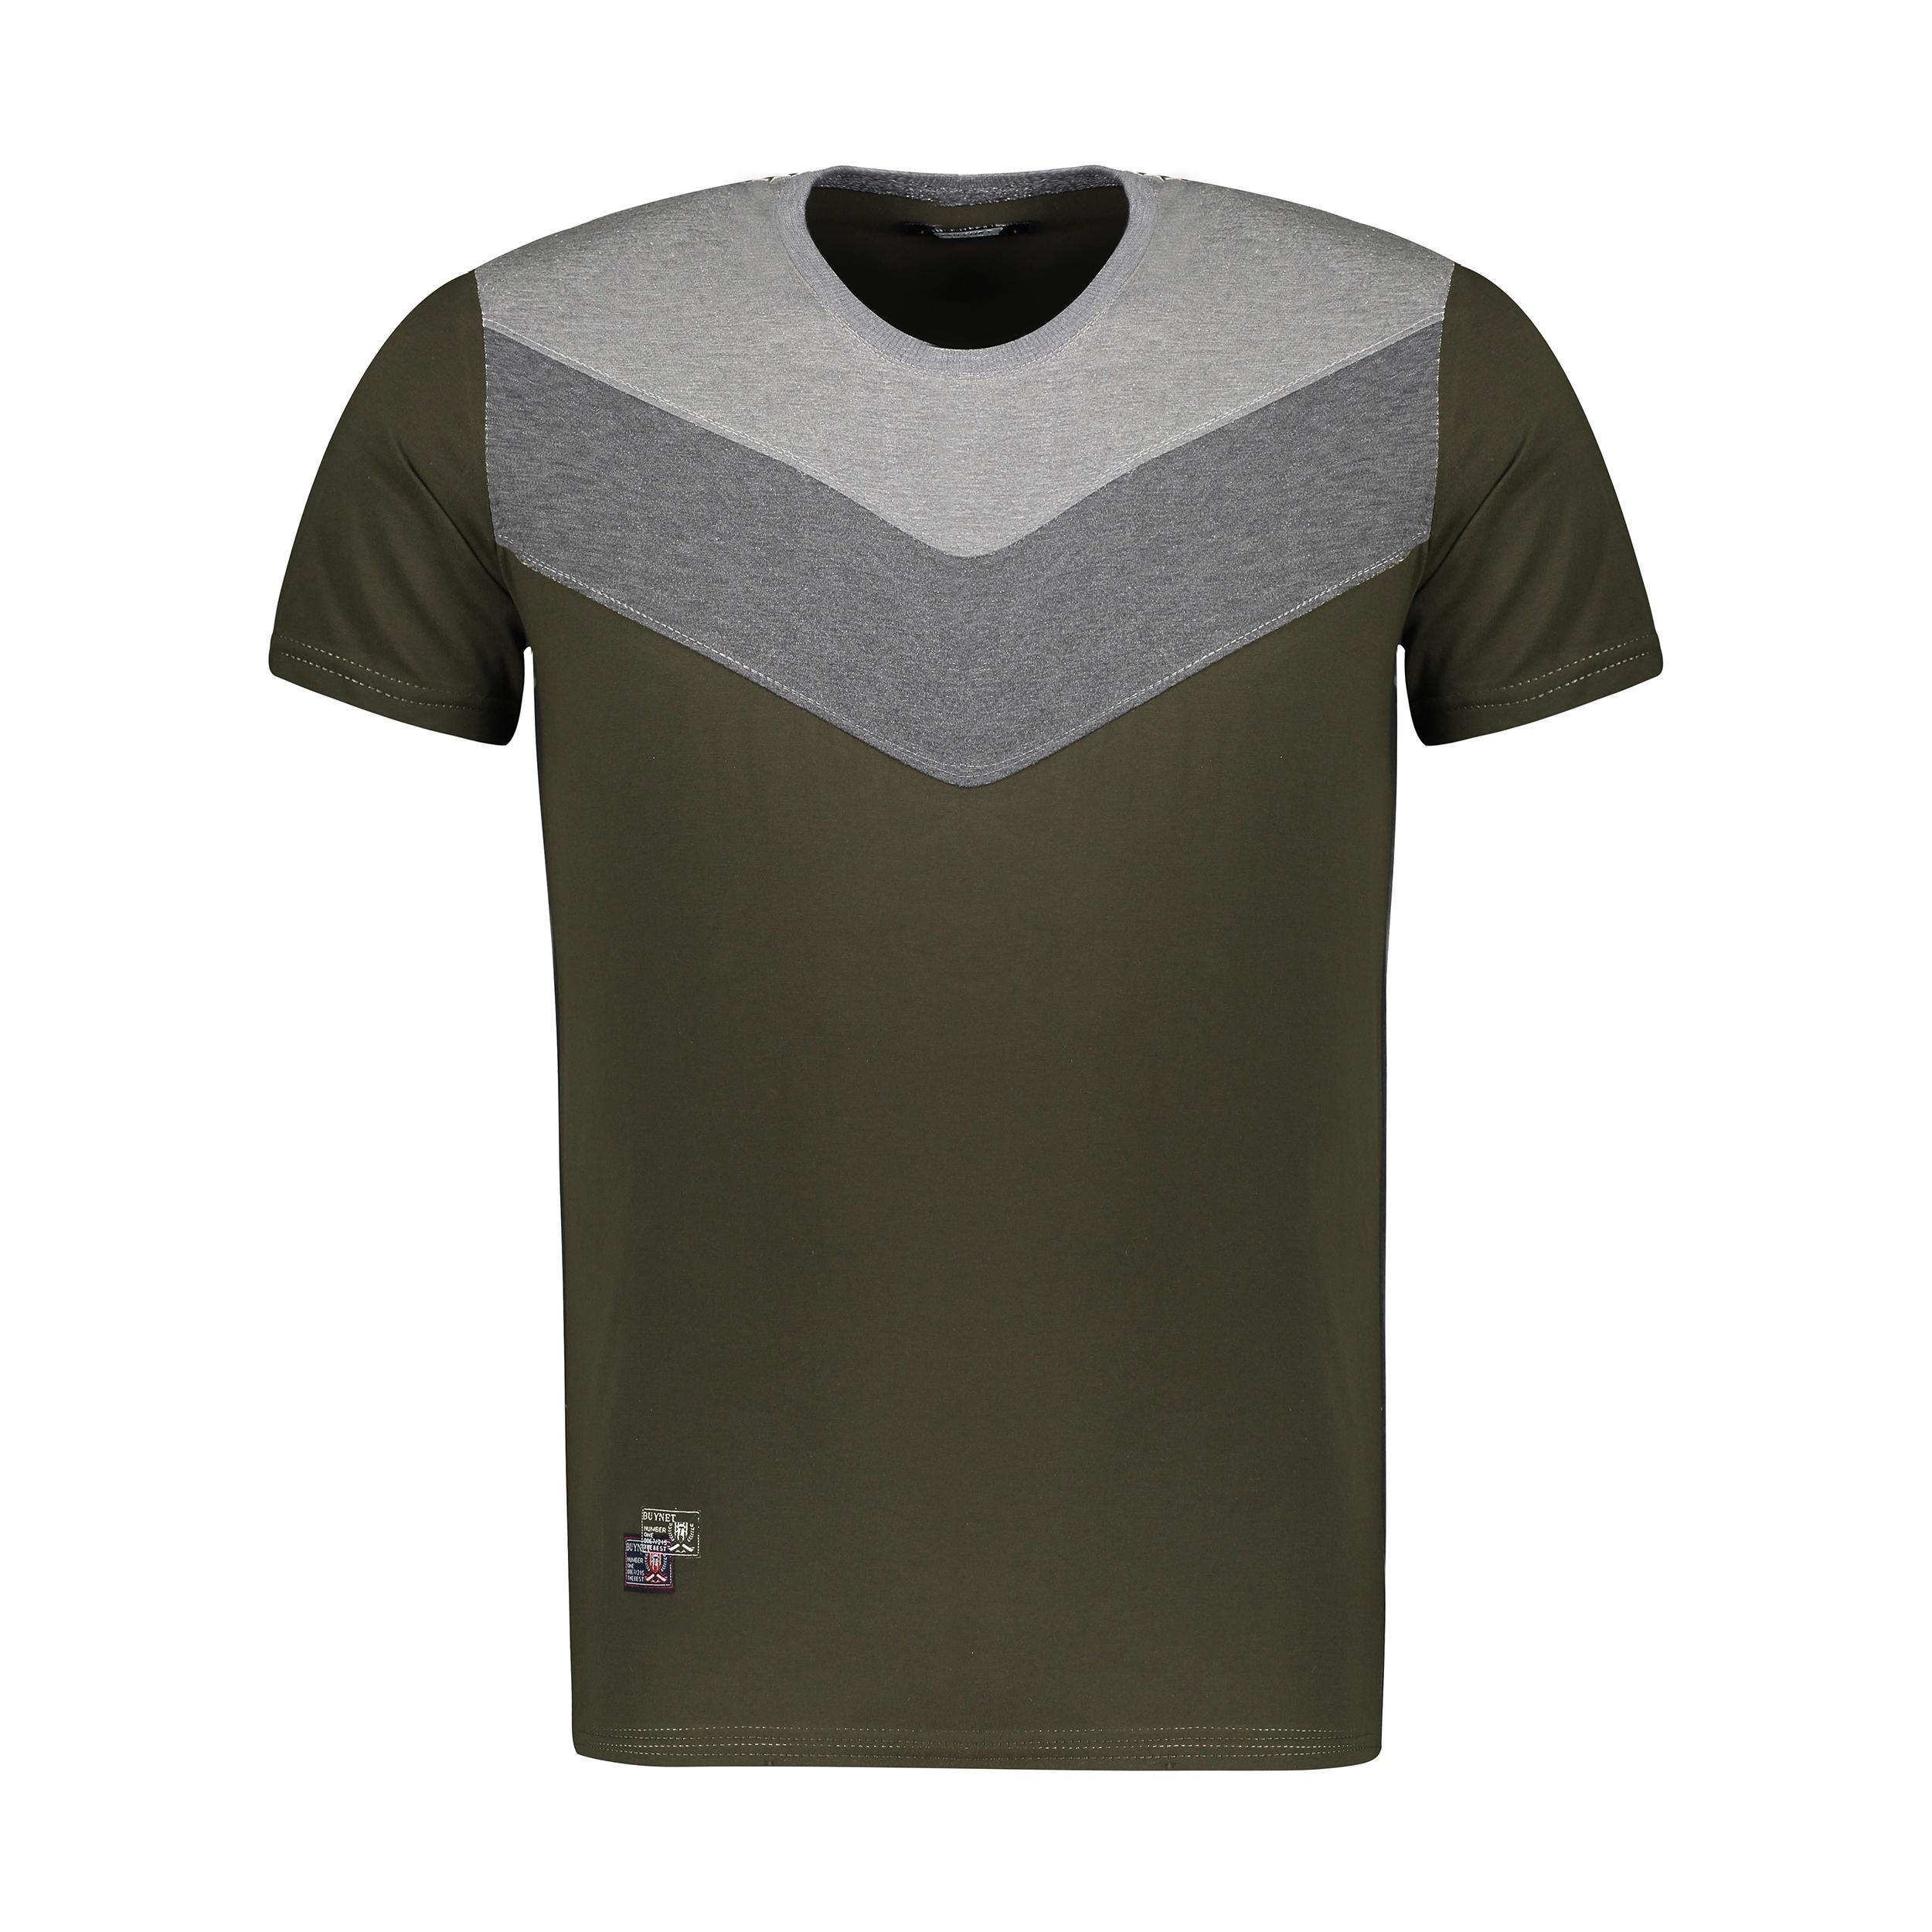 تی شرت آستین کوتاه مردانه باینت کد 359-3